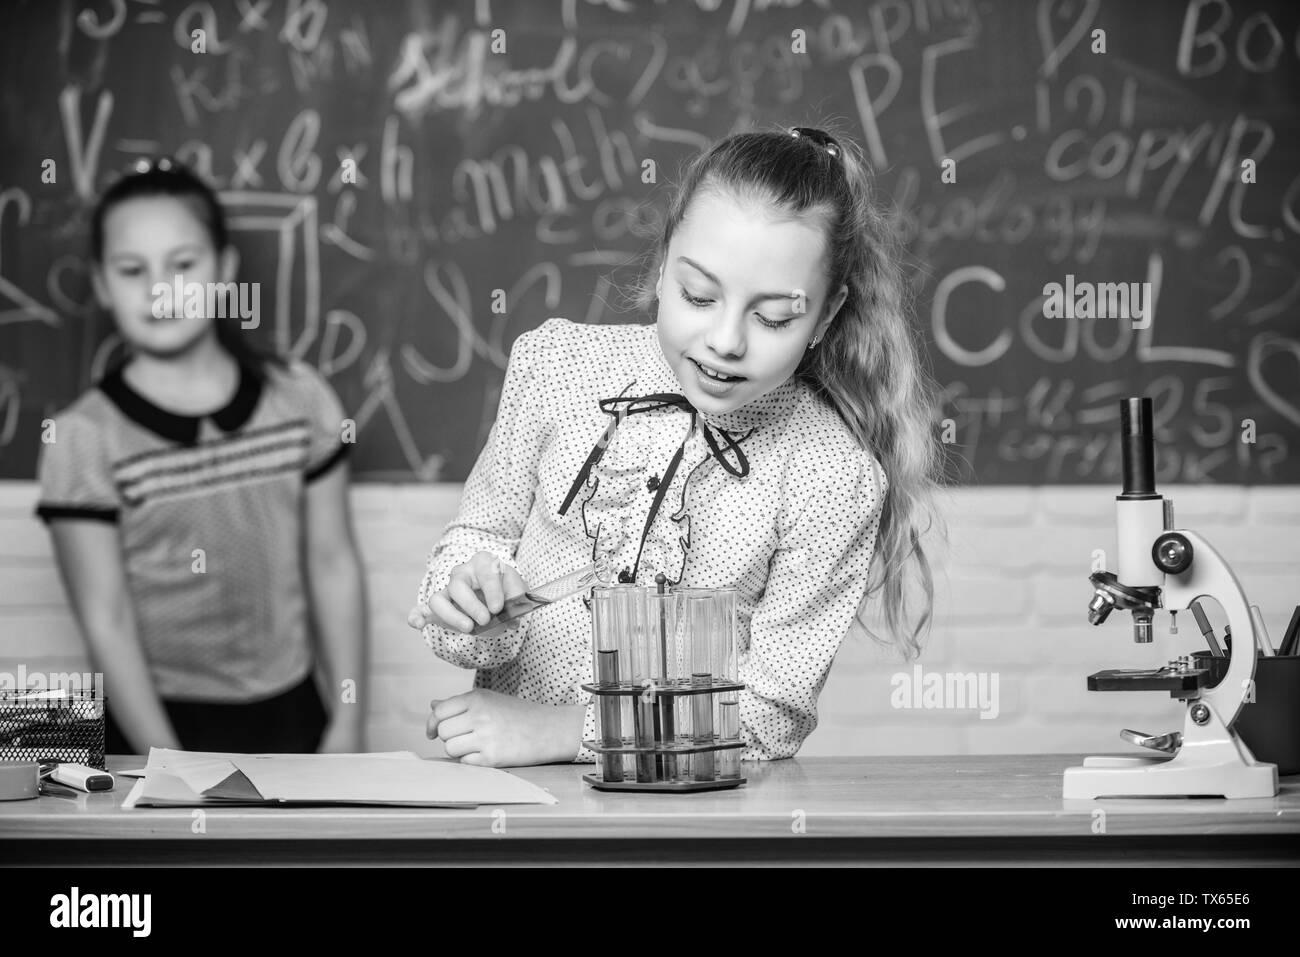 Le ragazze di lavoro esperimento chimico. Scienze naturali. Esperimento educativo. Classi scolastiche. La chimica e la biologia lezioni. Osservare le reazioni chimiche. La reazione chimica molto più eccitante della teoria. Immagini Stock